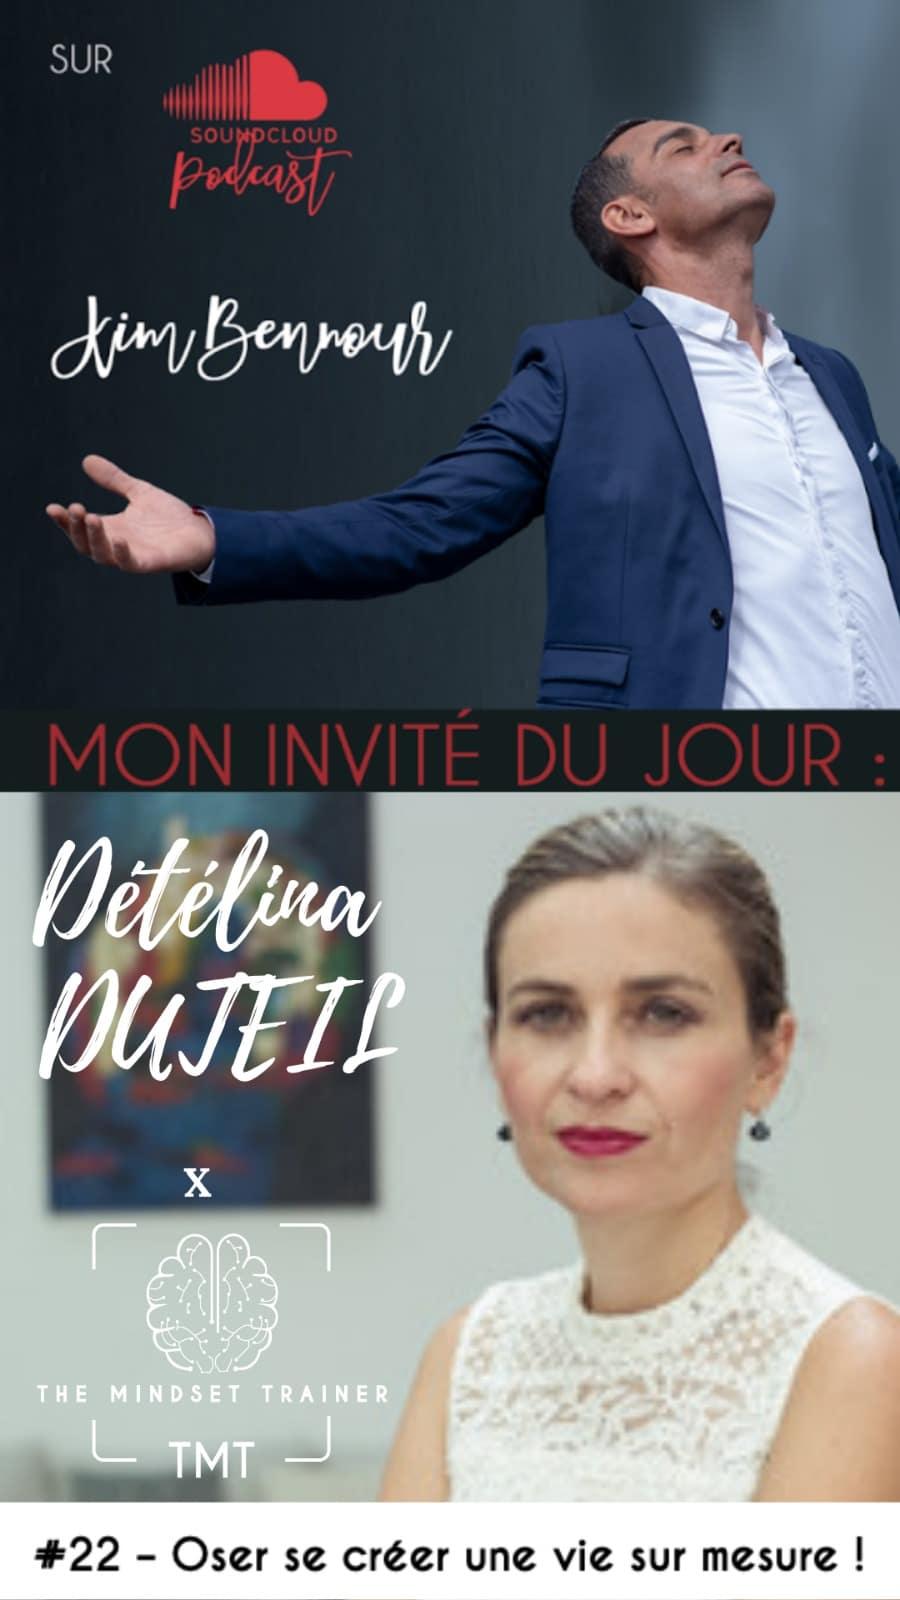 Podcast Kim Bennour/Détélina Duteil